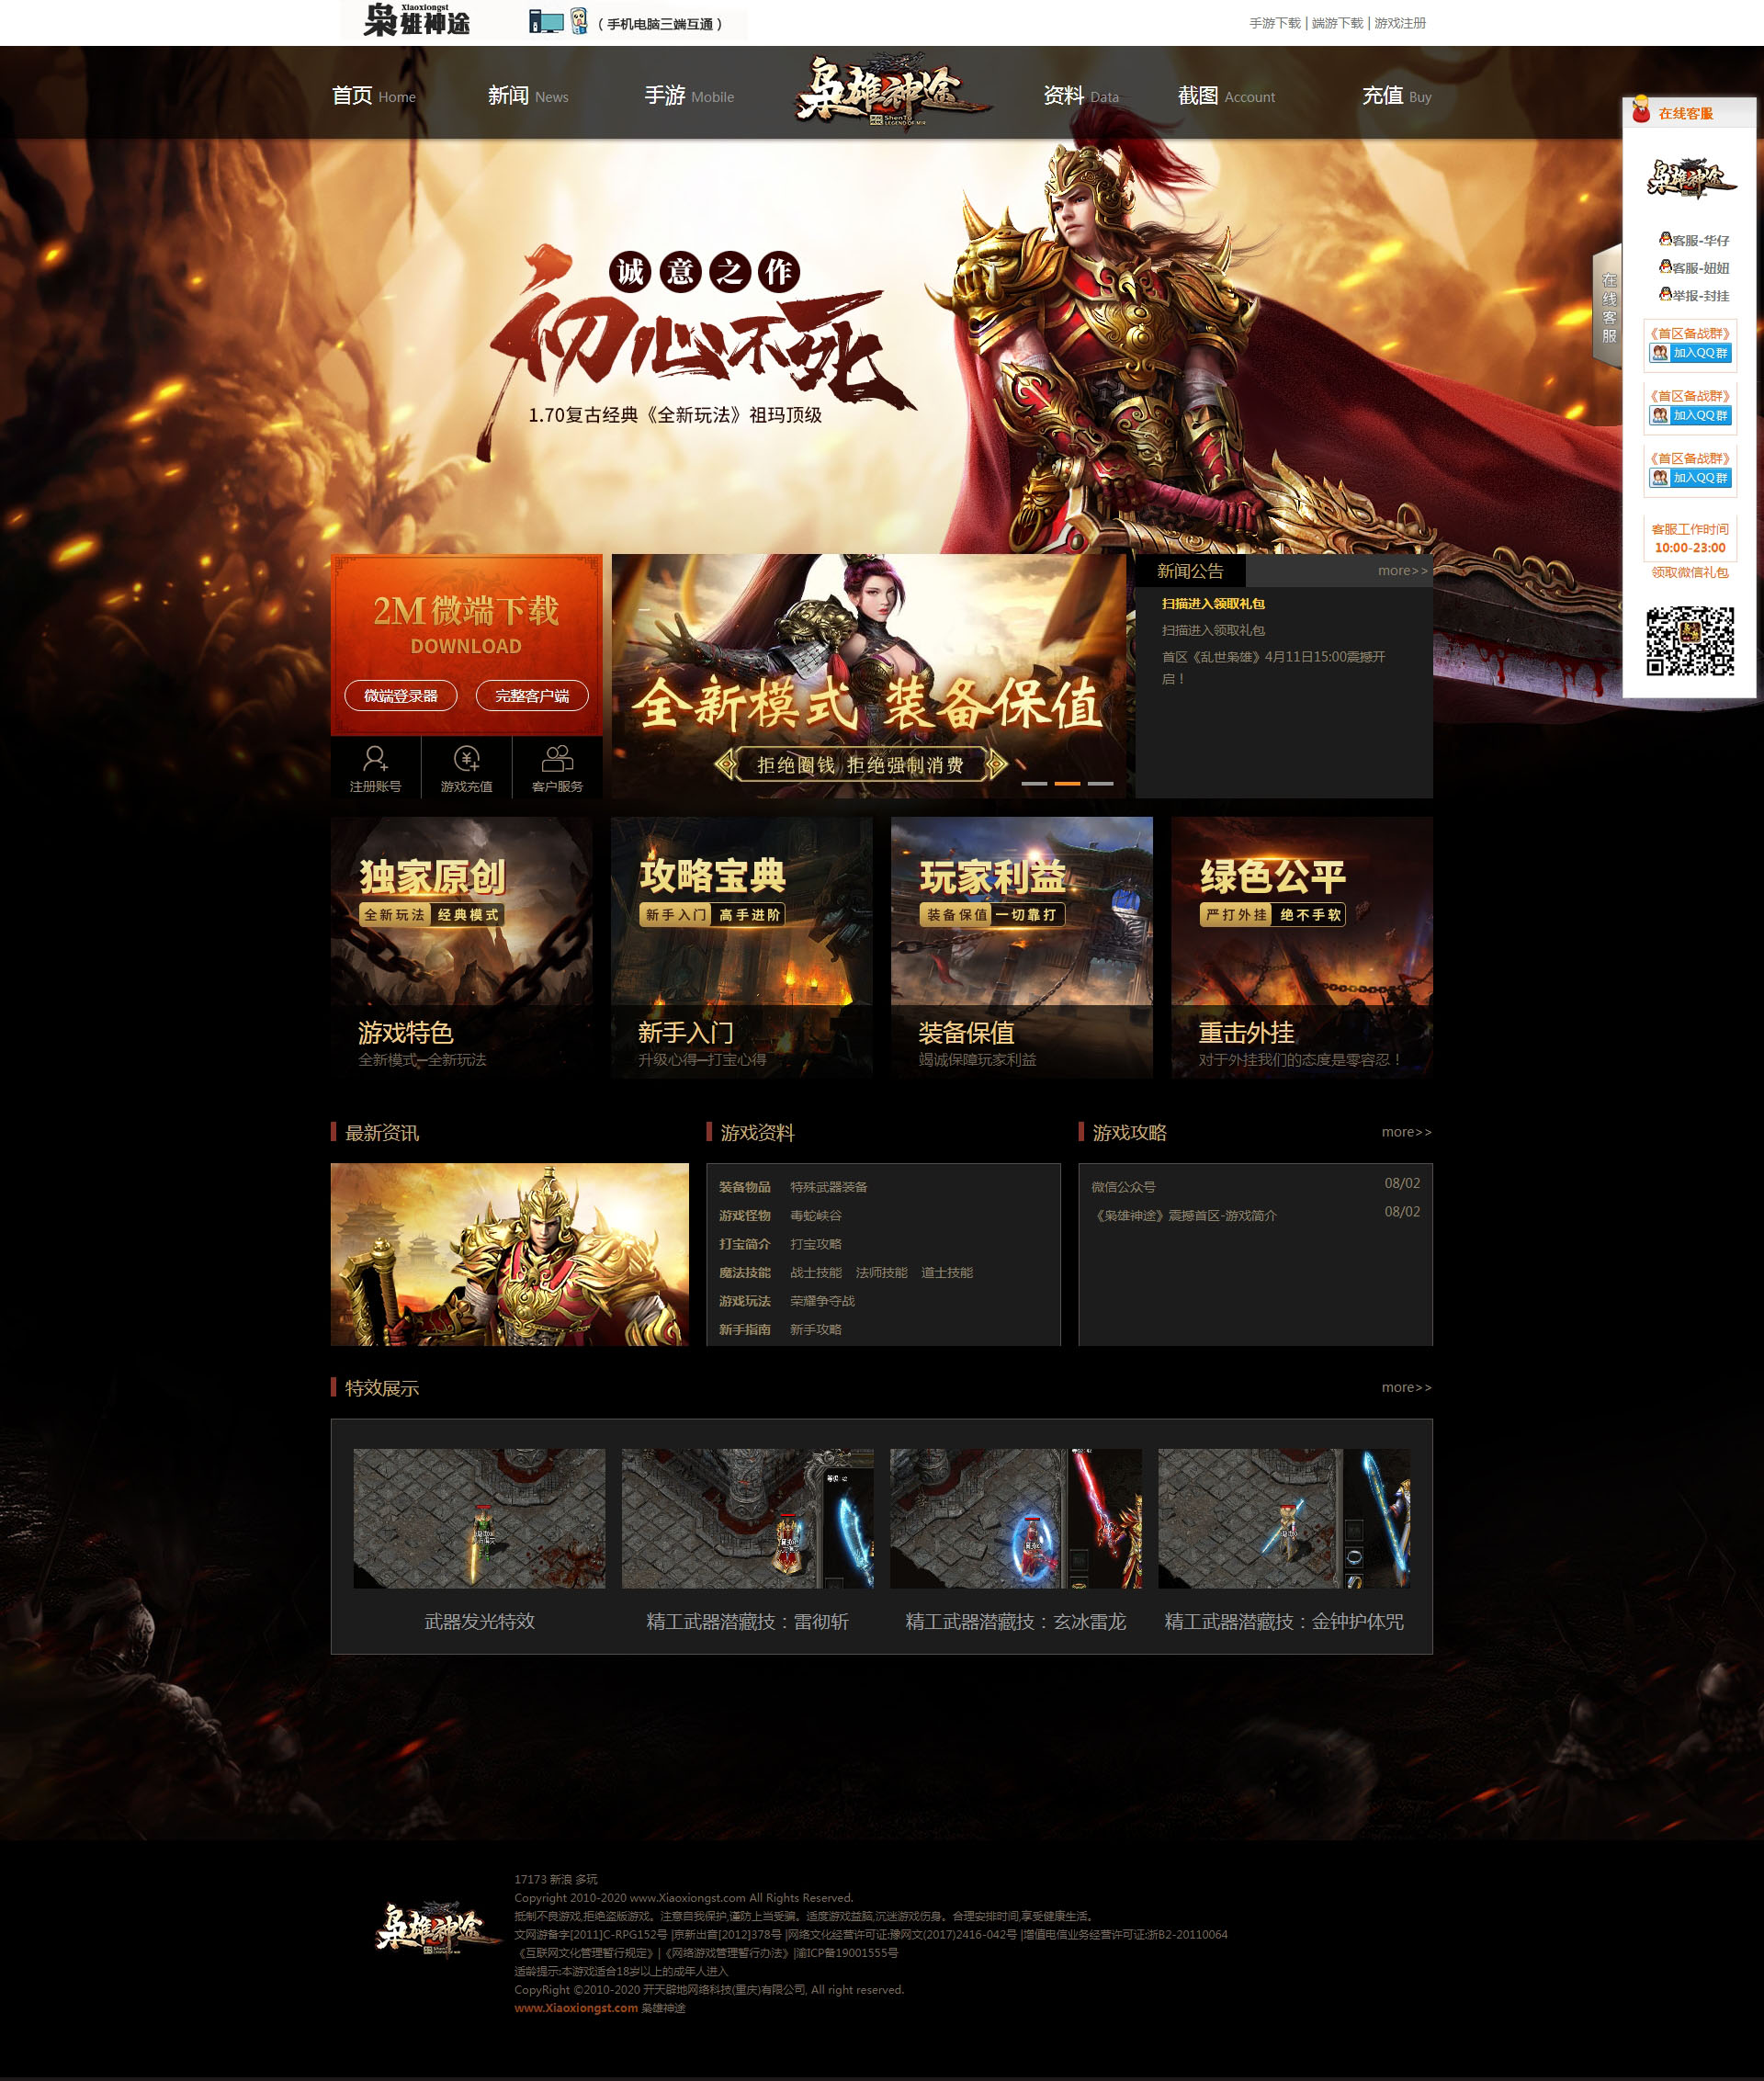 蓝月神途网站 游戏网模版PHP传奇源码 官网模板带后台 带手机端